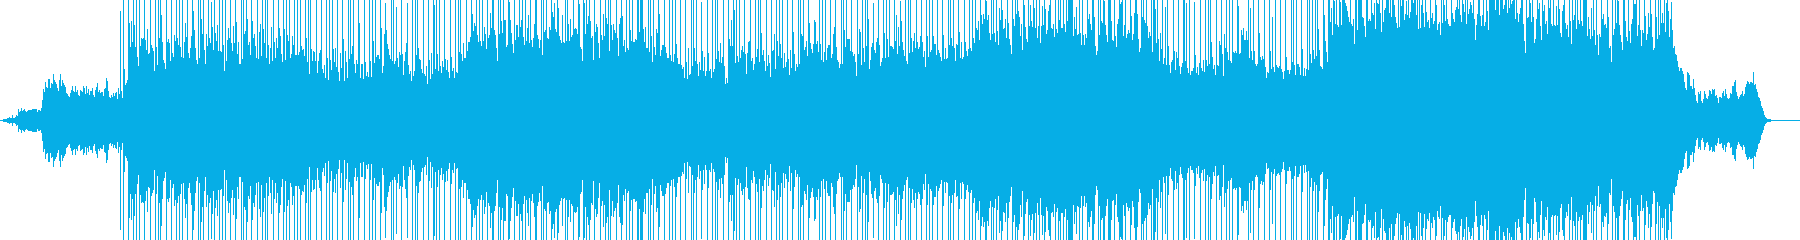 ポップ。メロディック。エネルギー。岩。の再生済みの波形